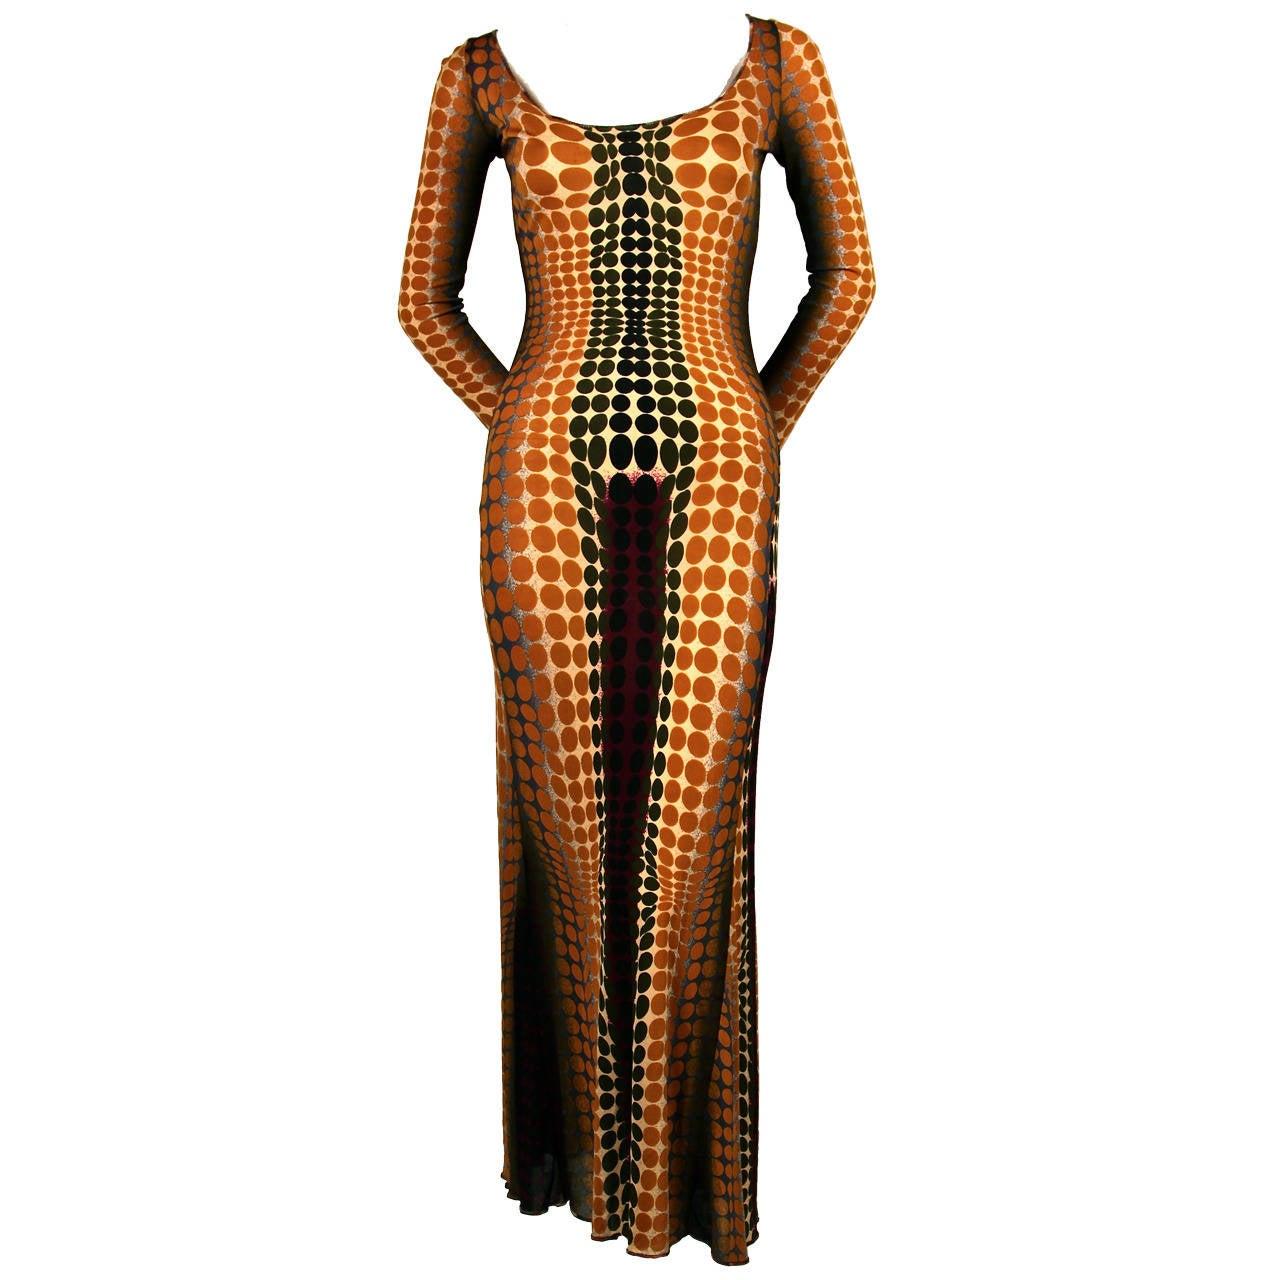 rare JEAN PAUL GAULTIER Op-art cyber print dress - 1995 1